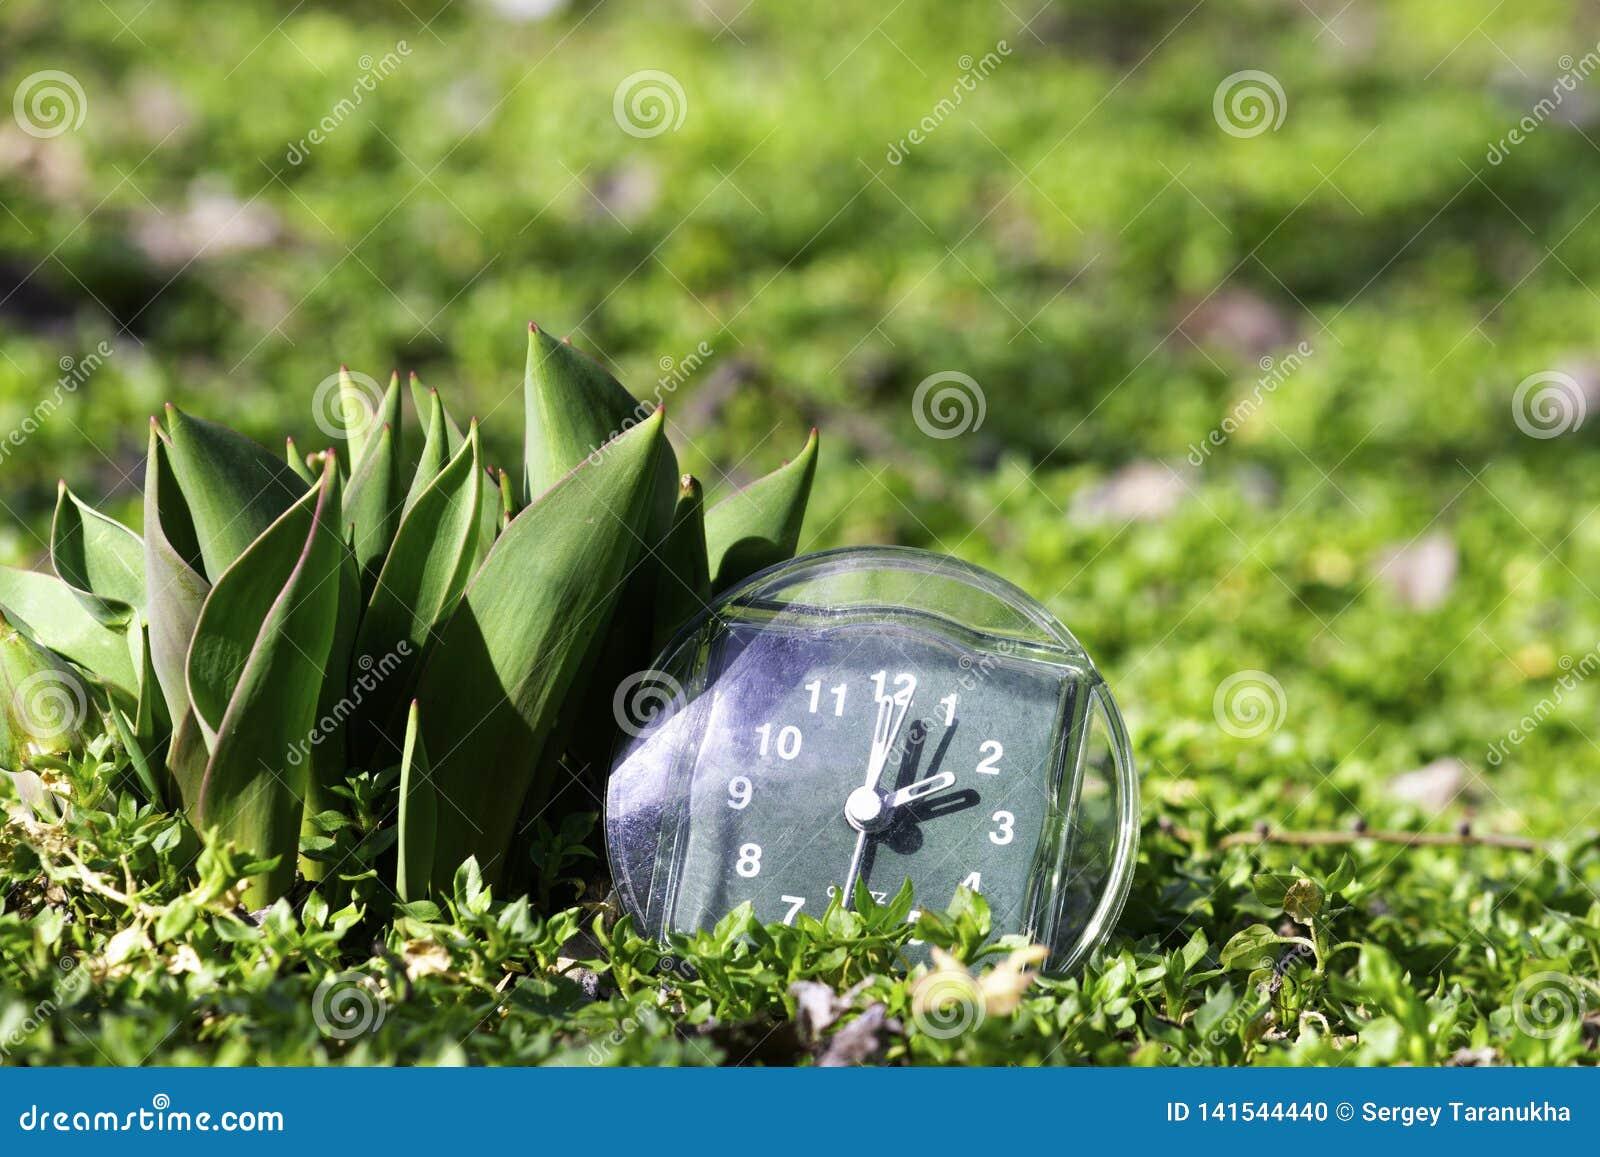 Przemiana lato czas przyjazd wiosna zegar na zielonej wiosny trawie obok młodego unblown tulipanowego kwiatu